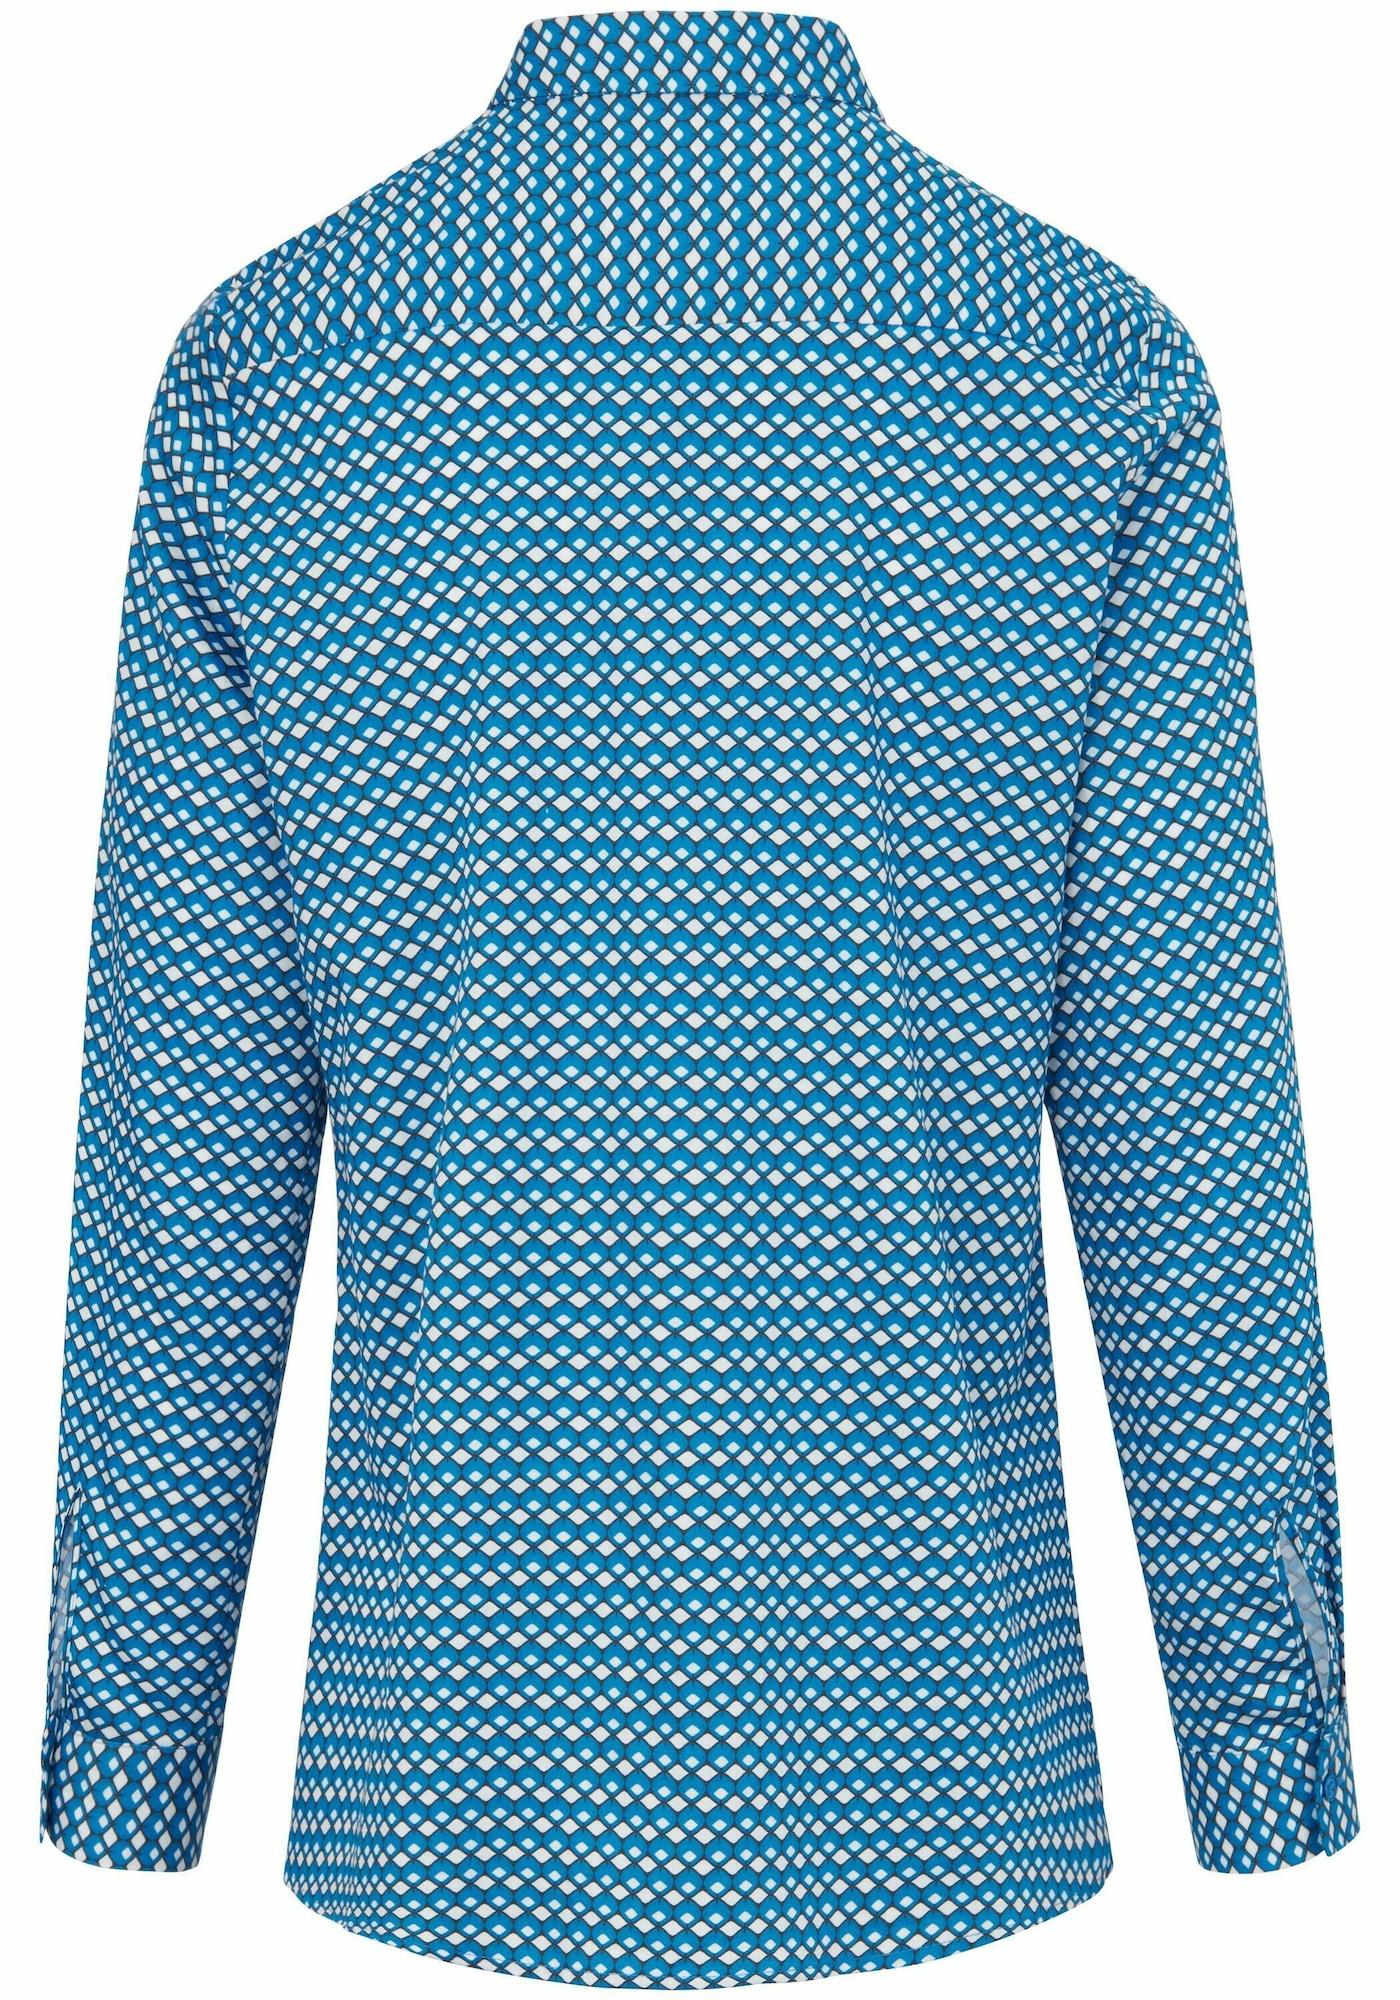 peter hahn - Langarmbluse Bluse